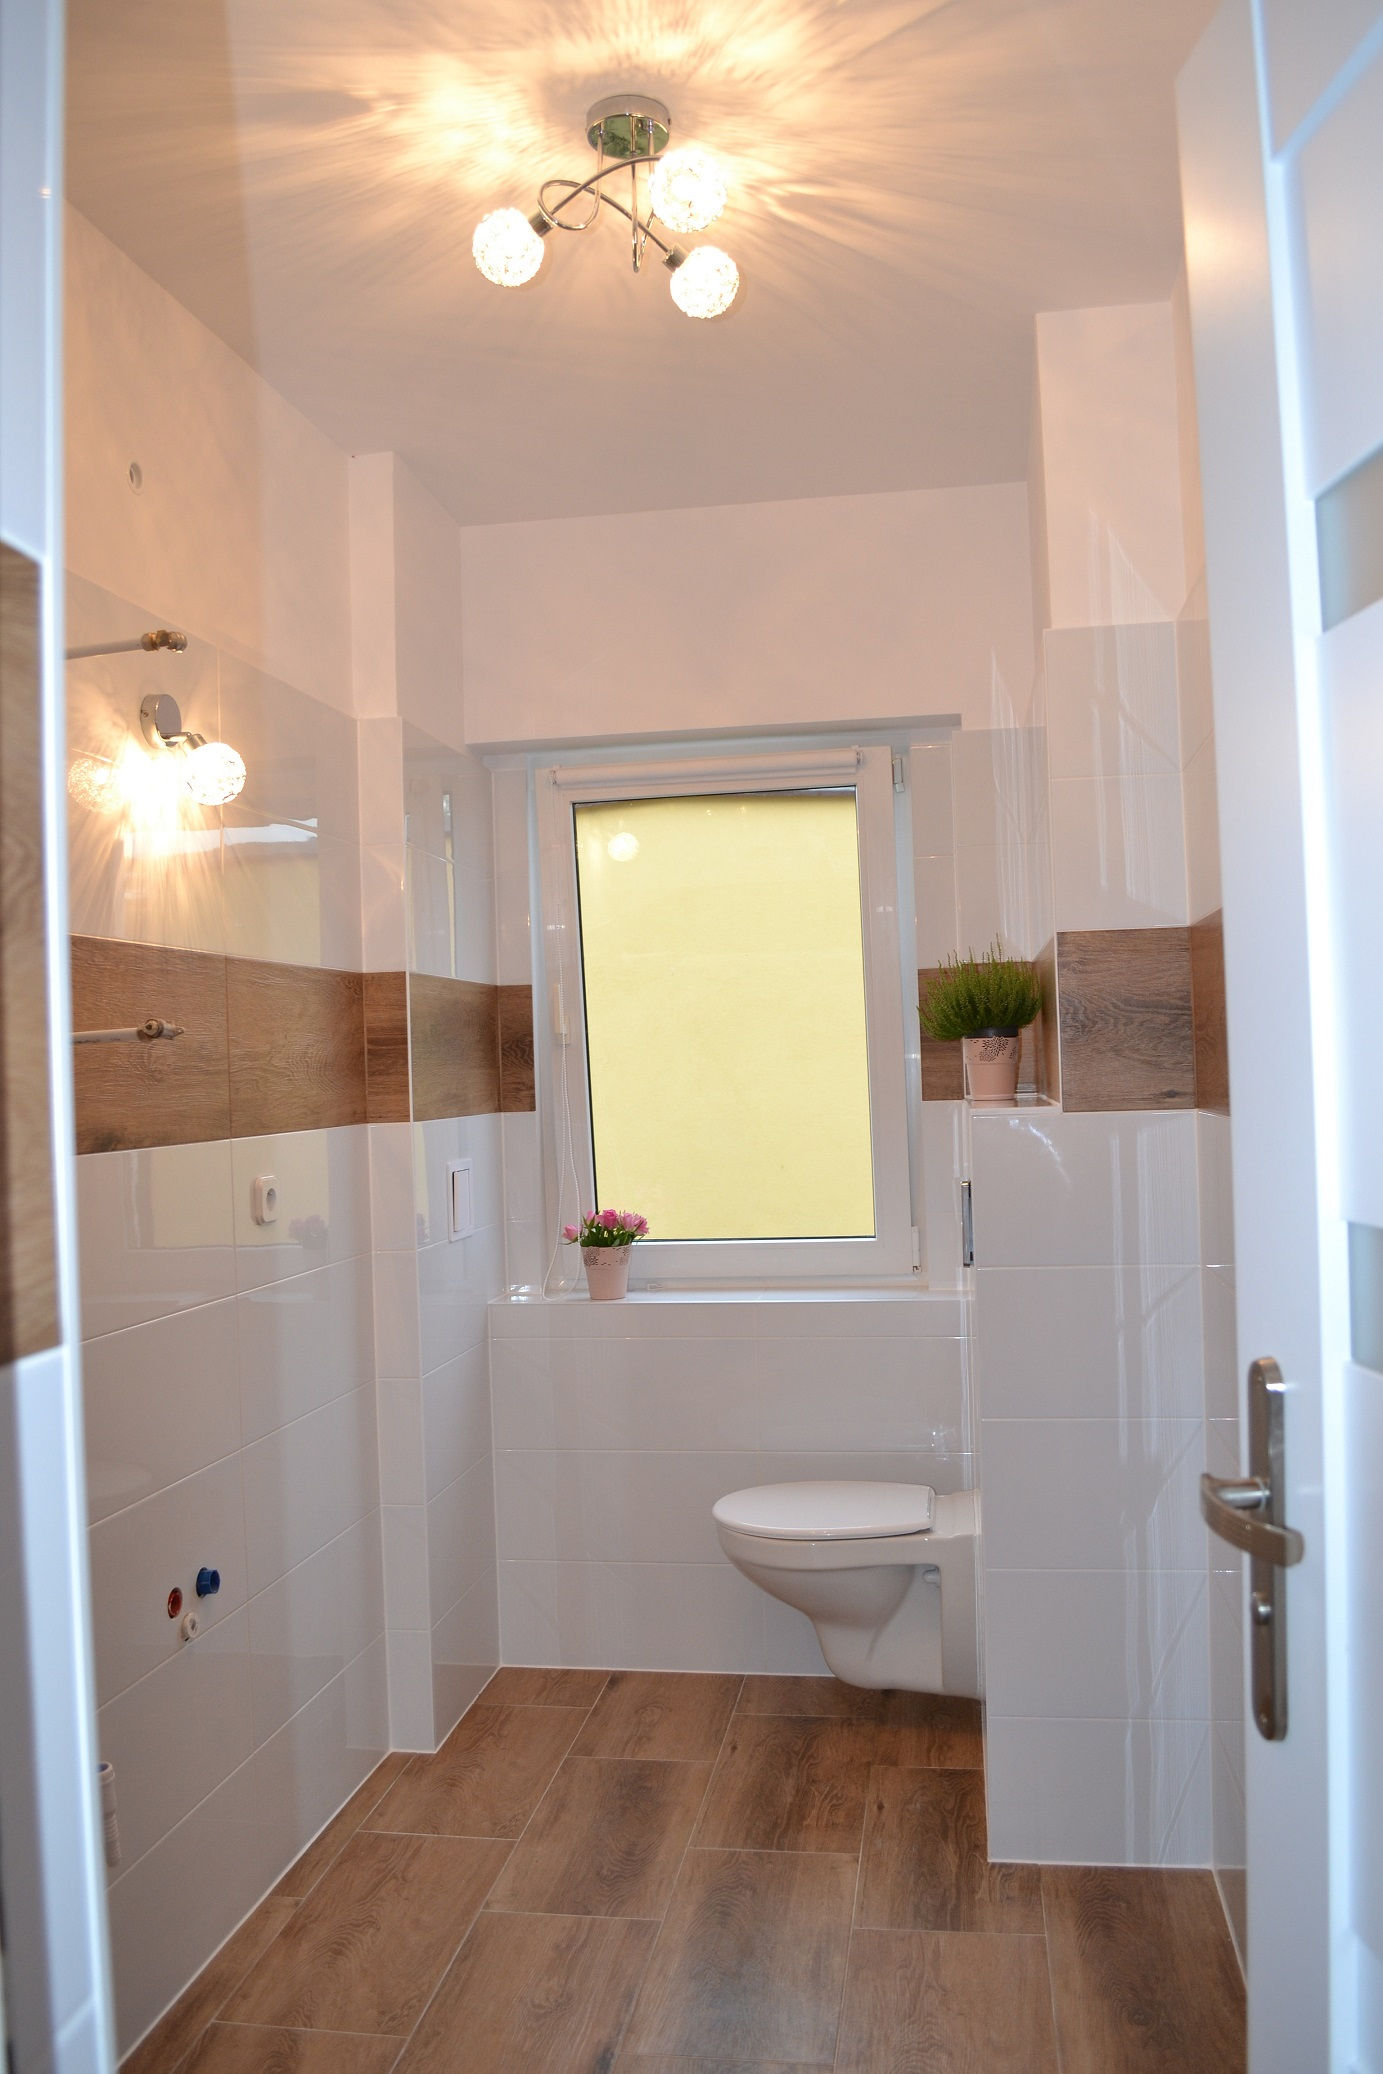 Sprzedam mieszkanie w Świebodzicach po generalnym remoncie, 57m2, I p.